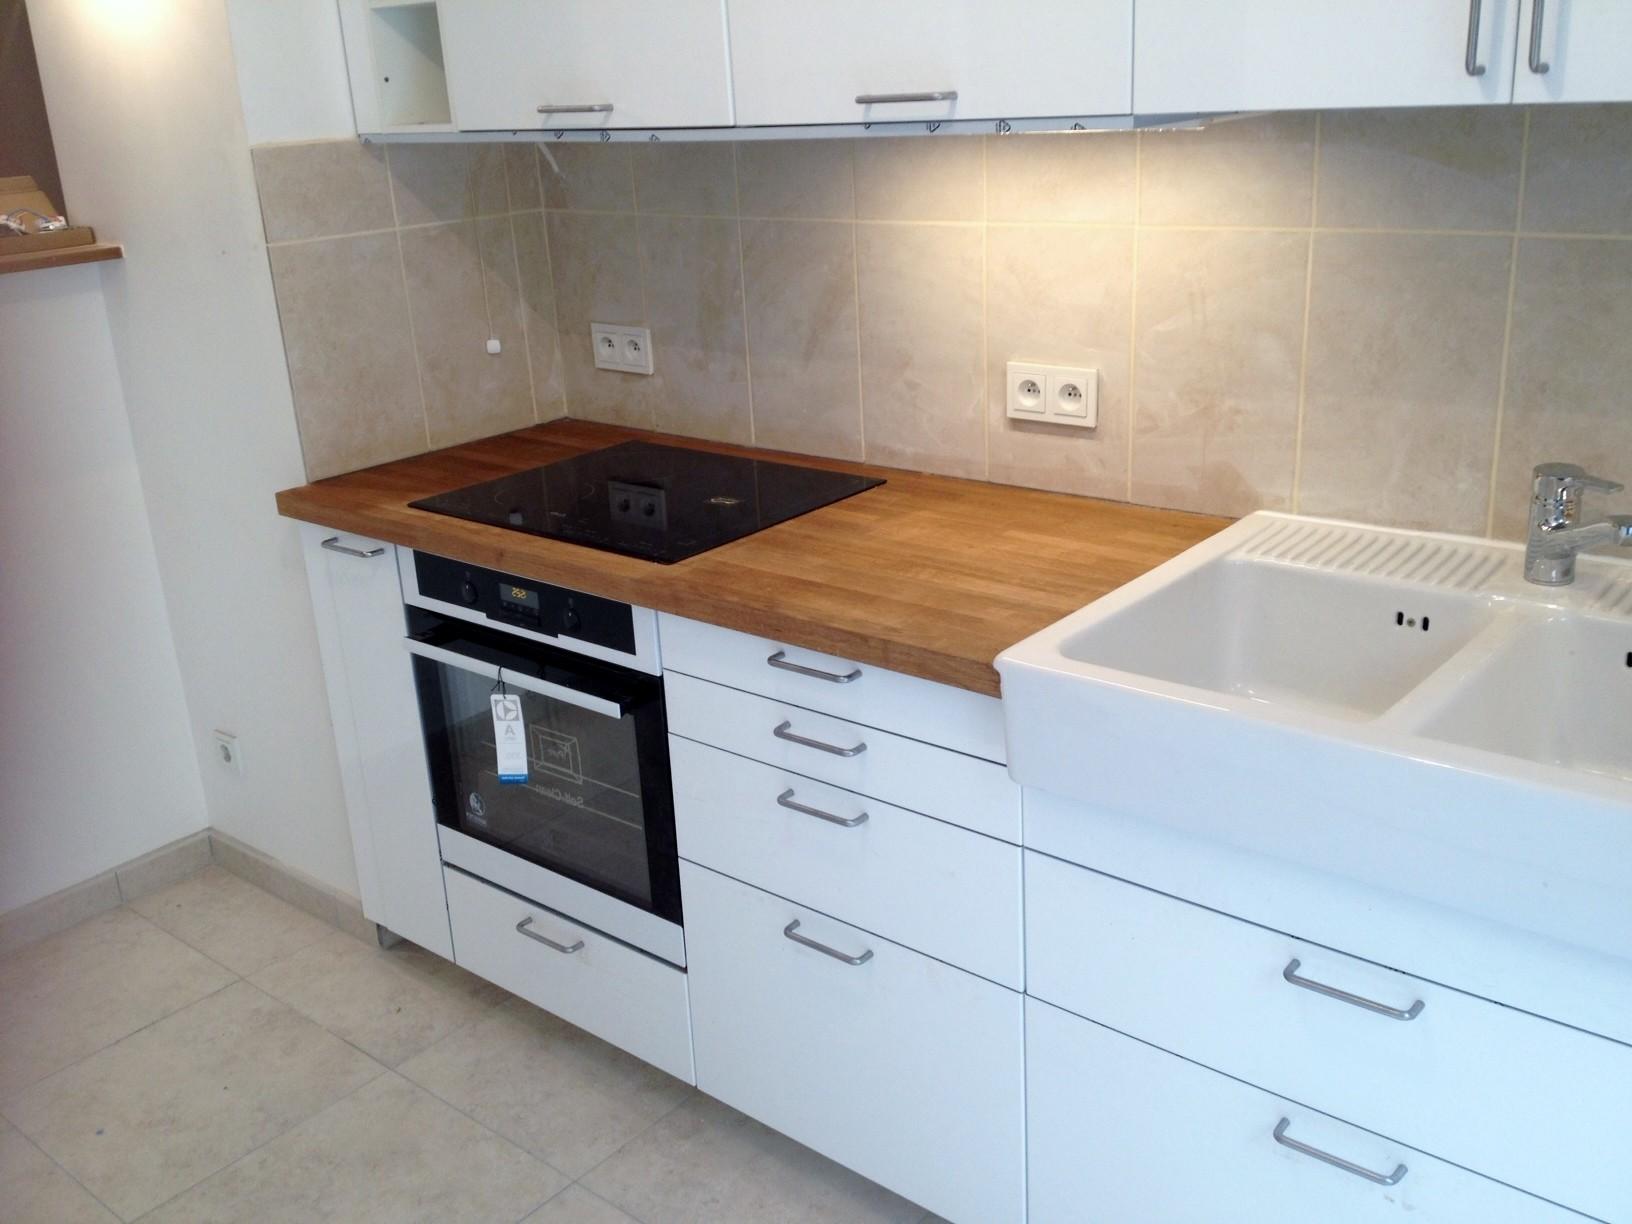 Meuble bas cuisine ikea profondeur 40 cuisine id es de for Profondeur meuble cuisine ikea